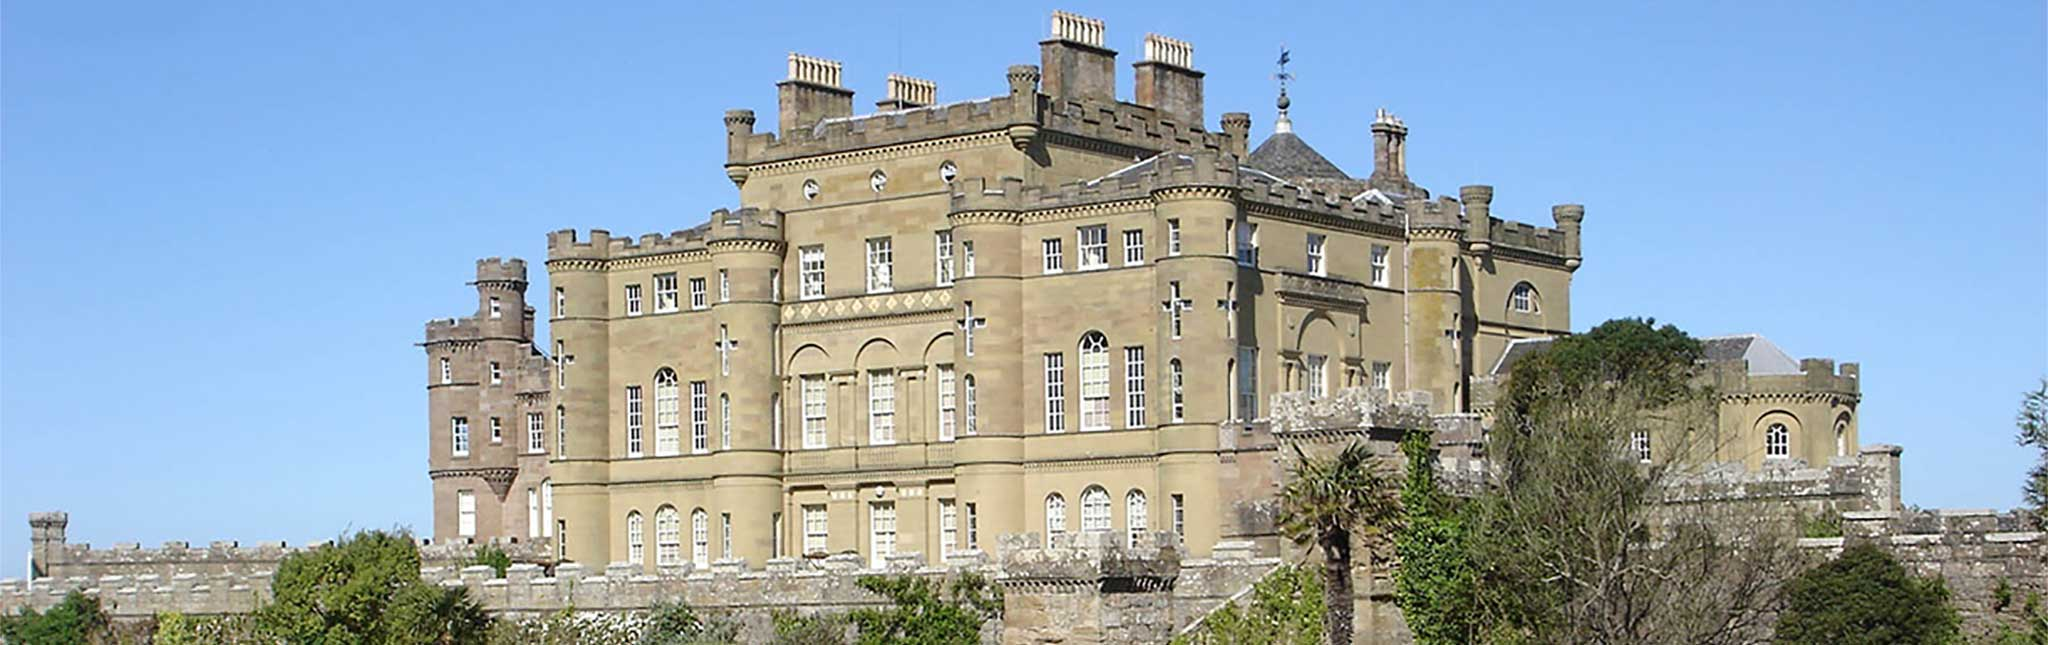 Culzean_Castle2048x645.jpg